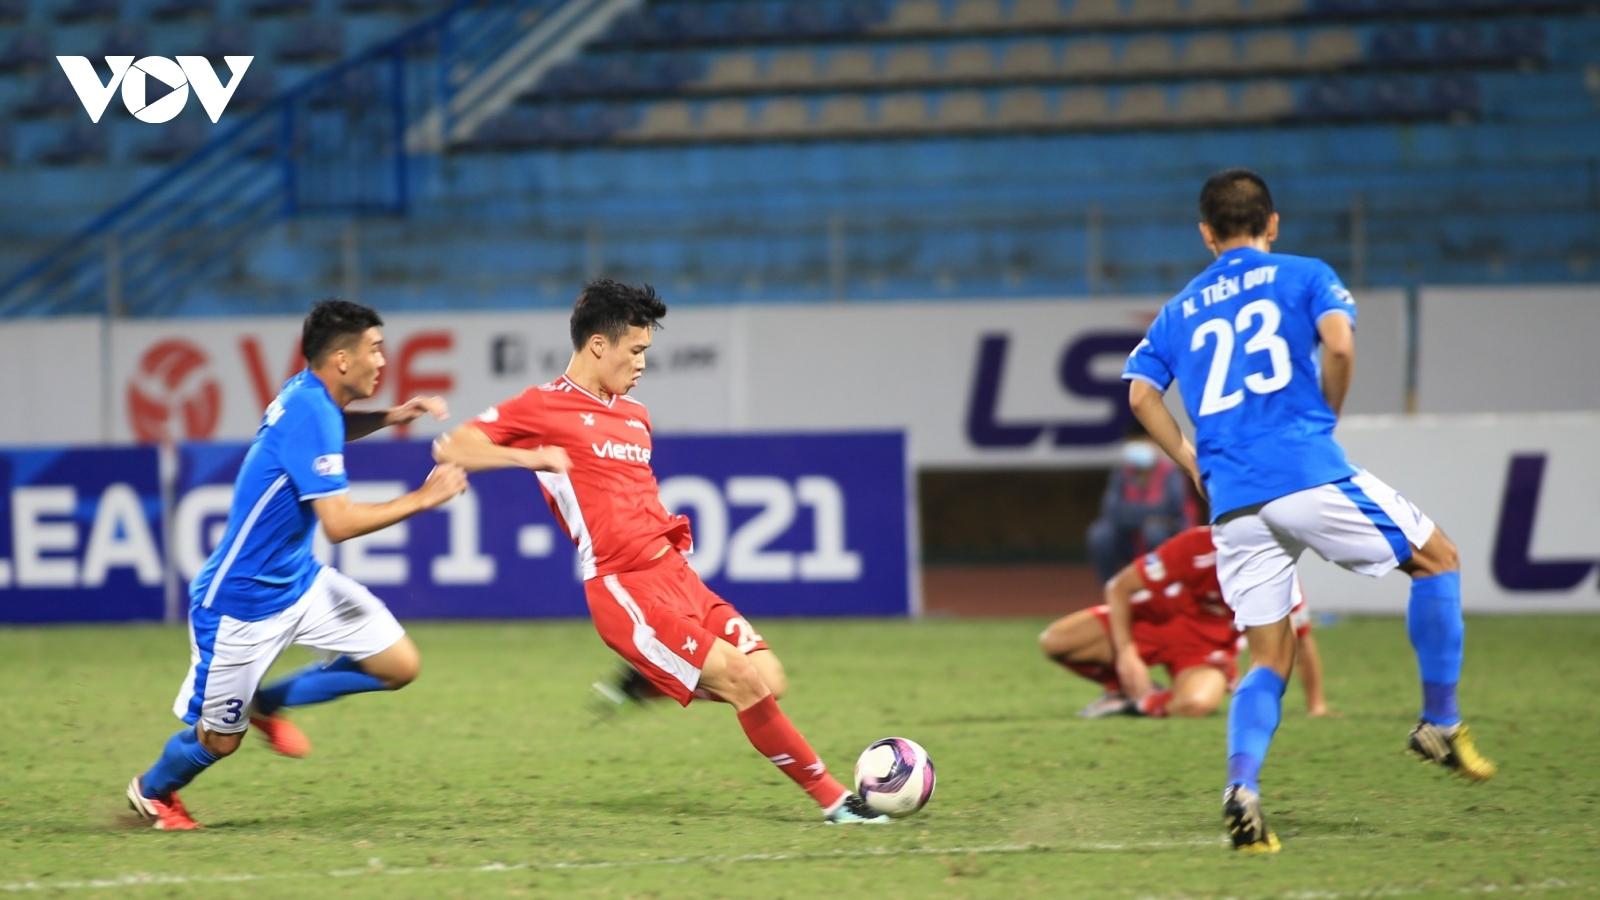 """Viettel thắng 5 trận liên tiếp, HLV Việt Hoàng """"thách đấu"""" HAGL"""